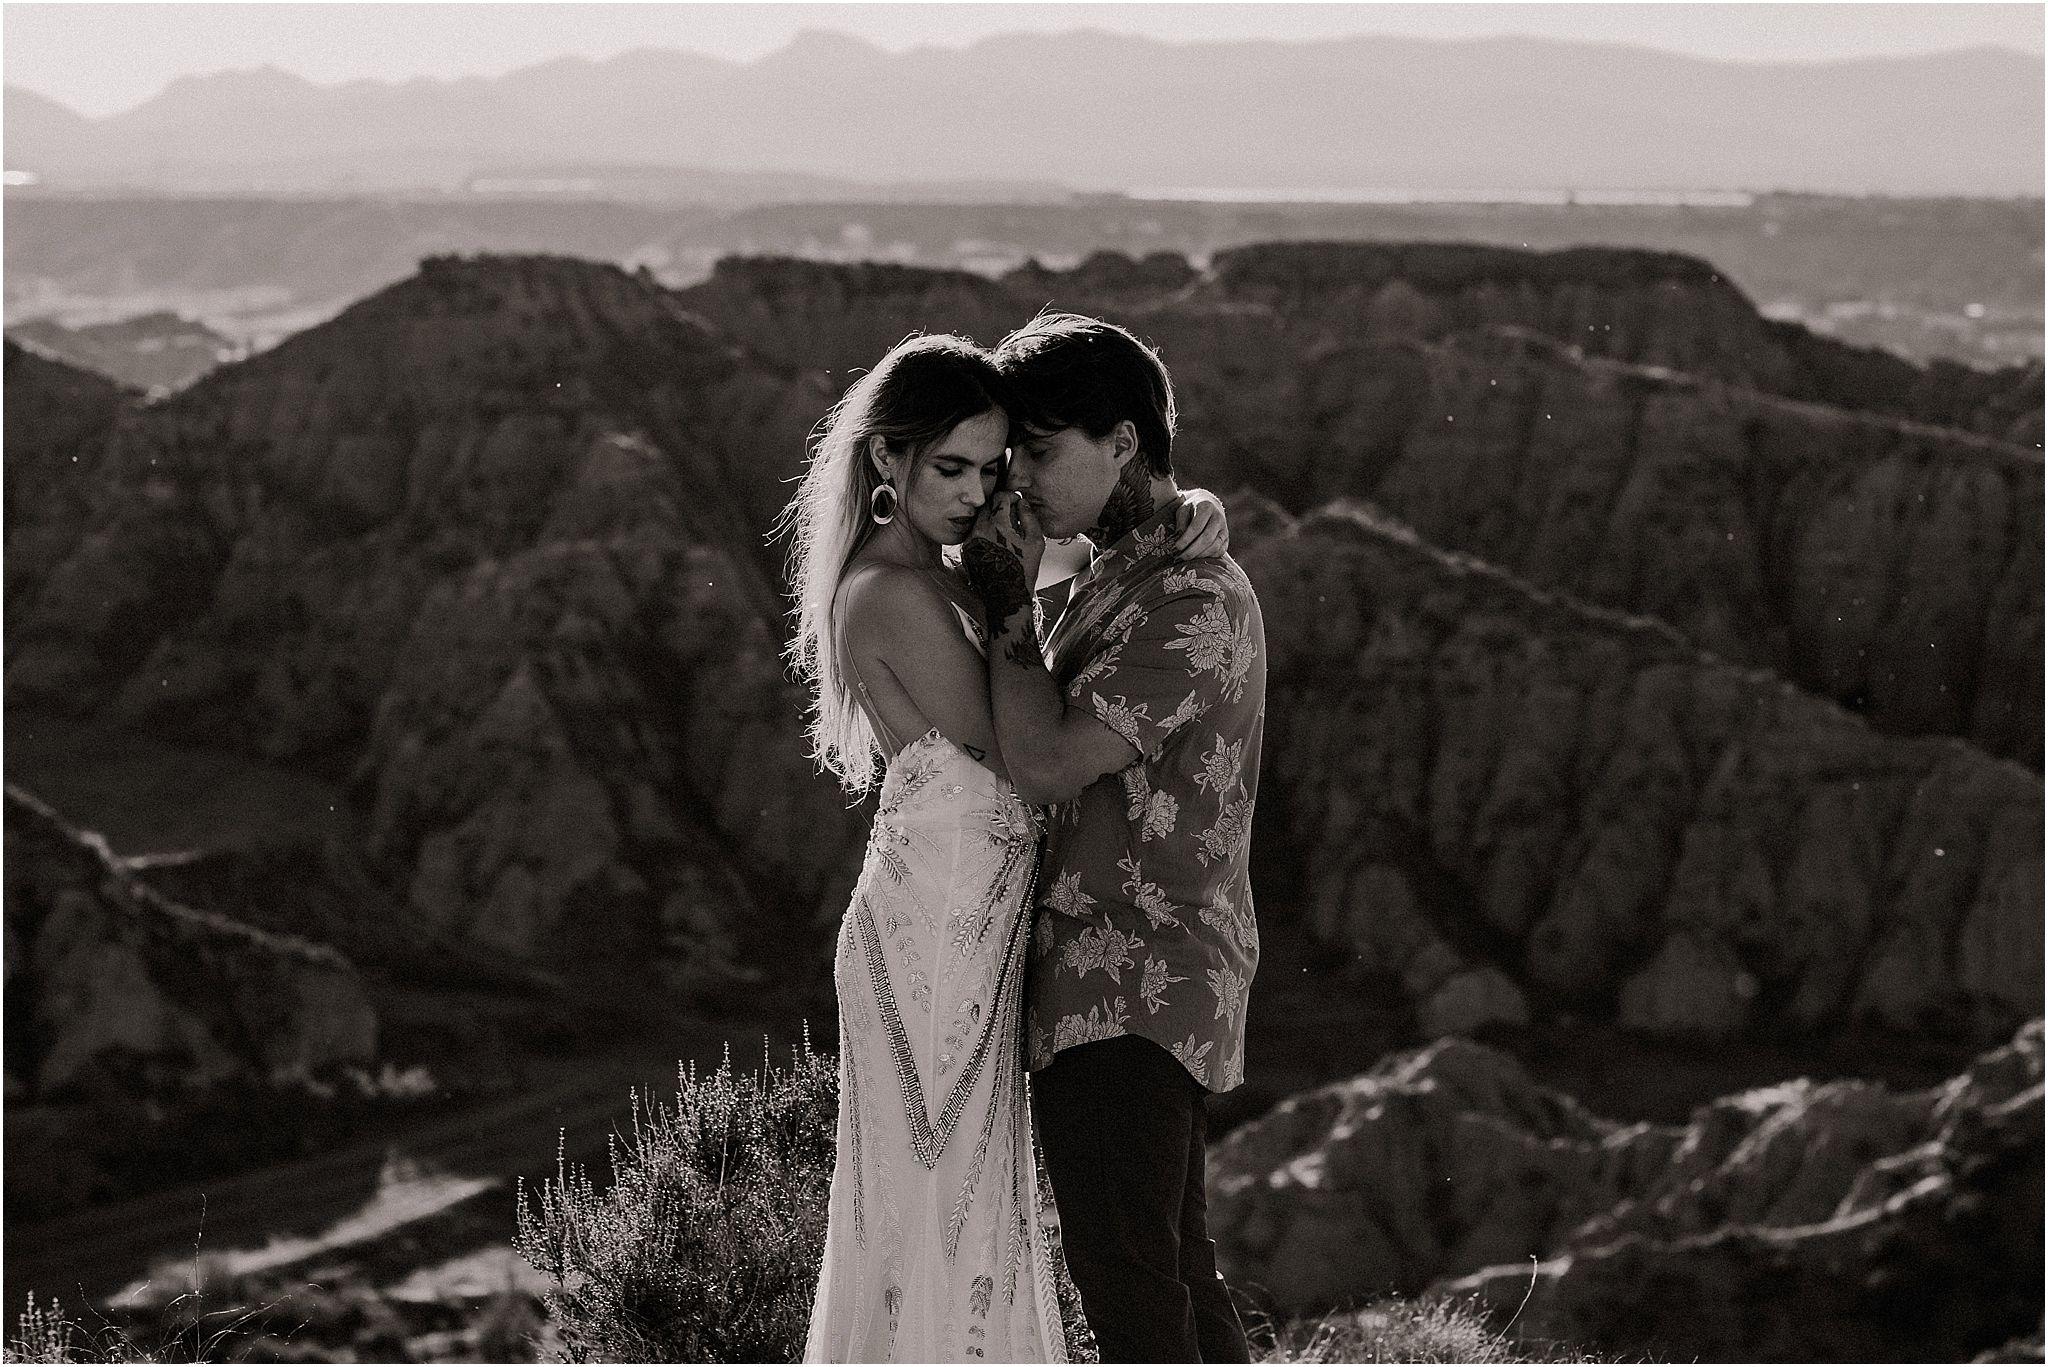 Indie wedding in Spain 11.jpg